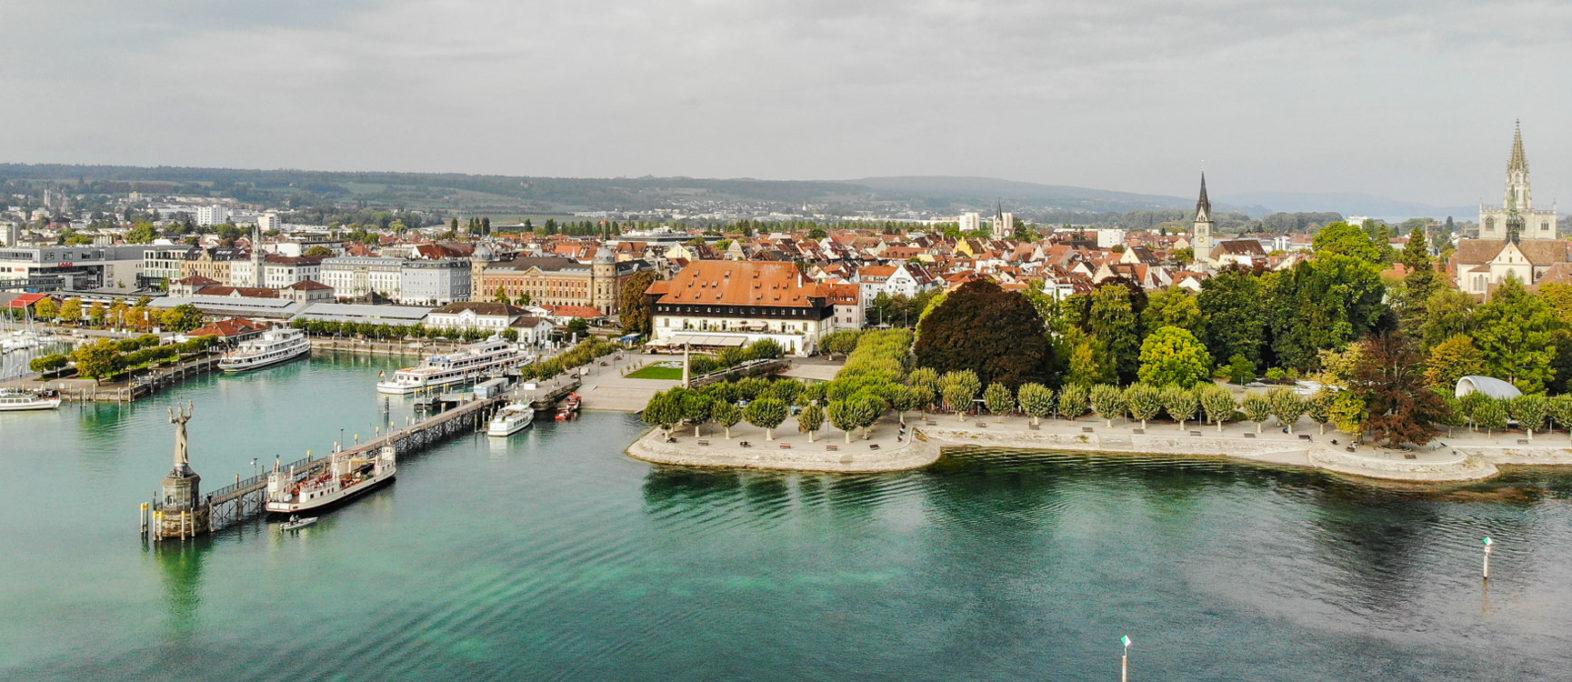 Luftaufnahme Konstanz Bodensee